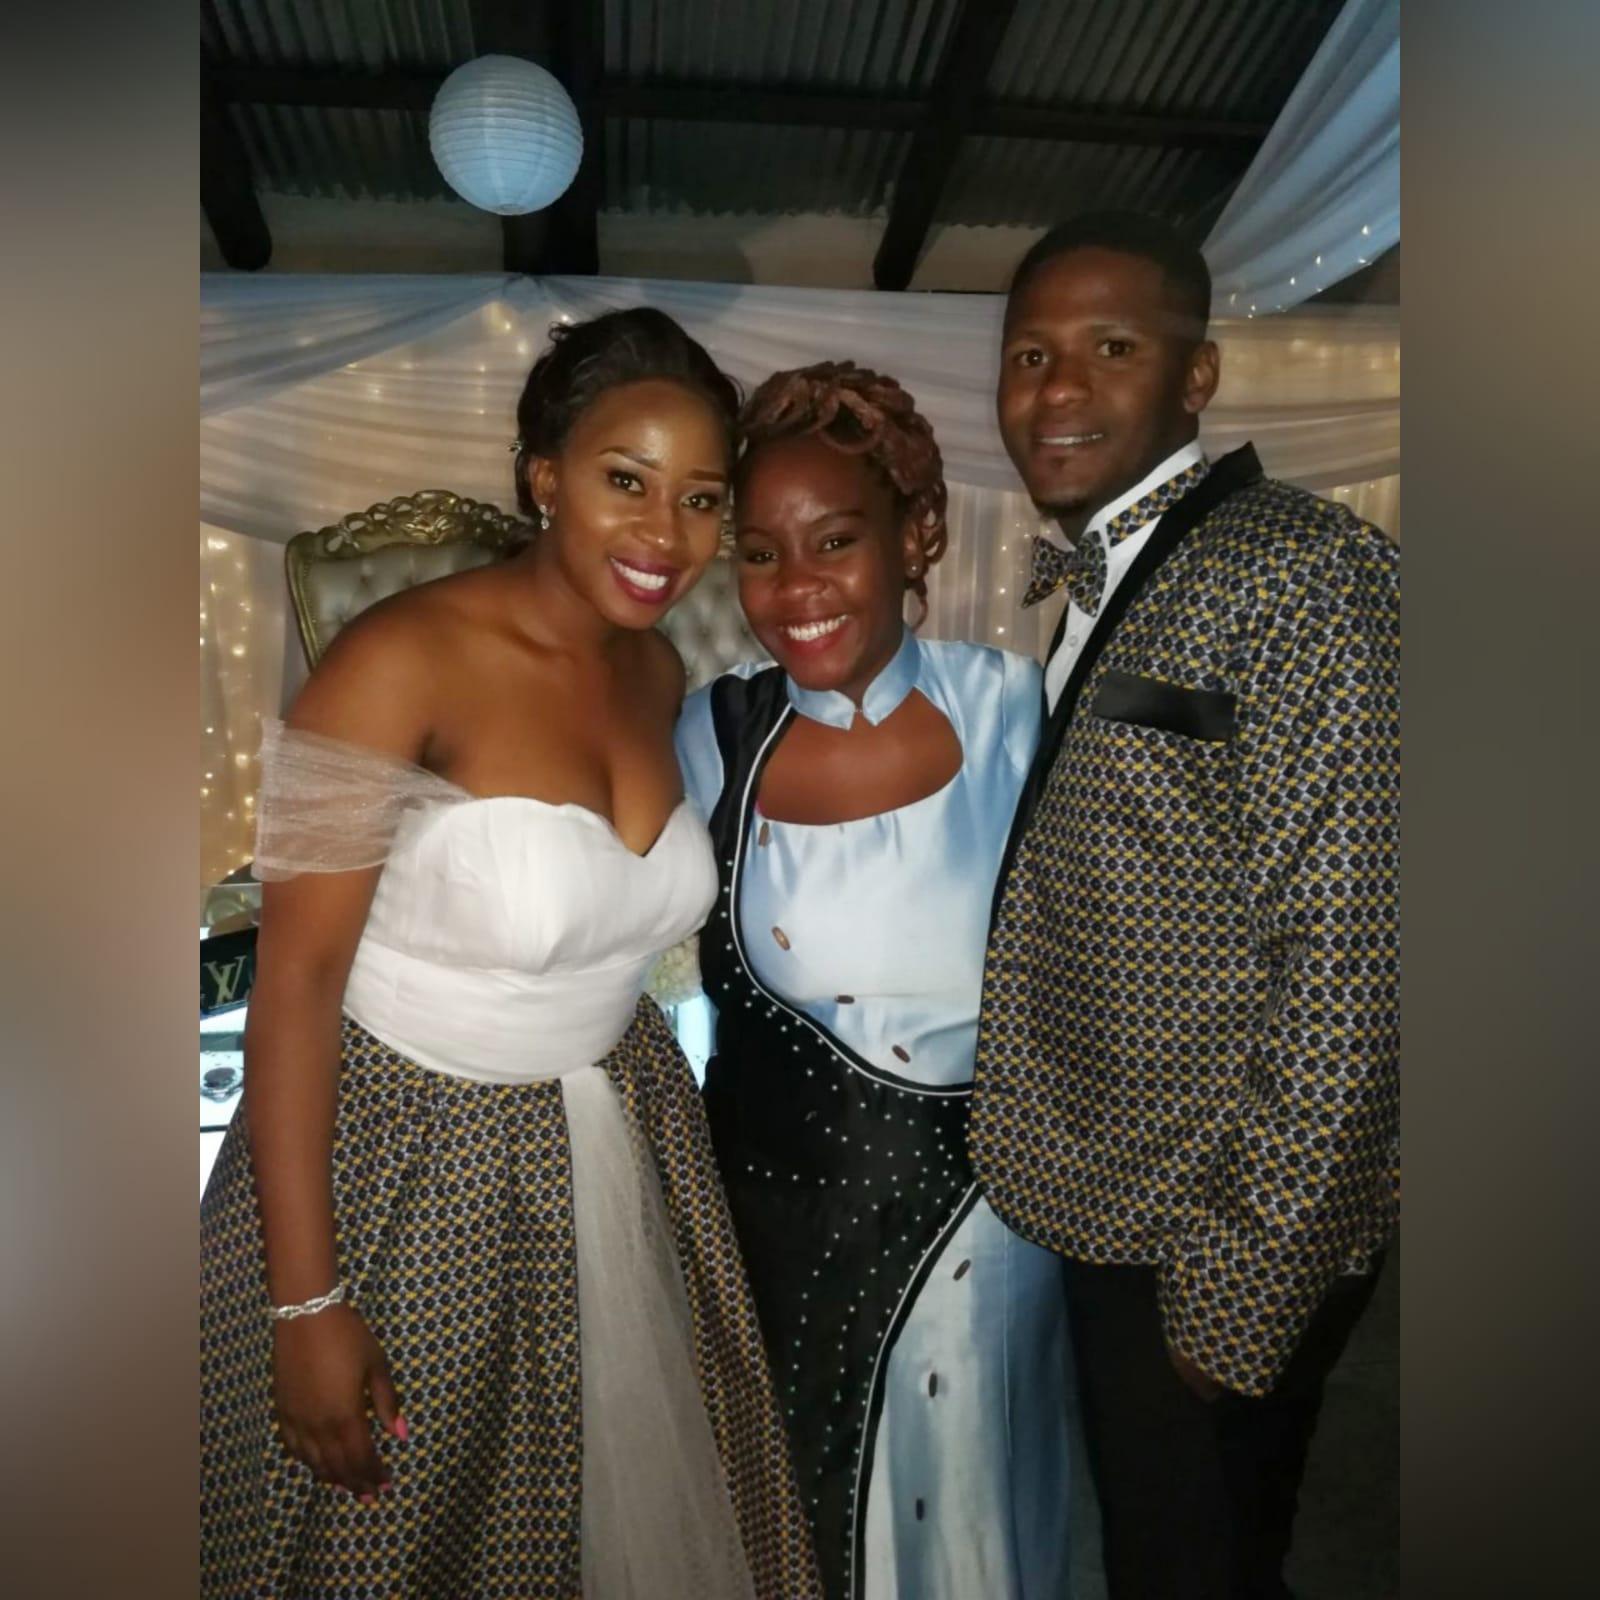 Vestido de noiva tradicional africano branco e castanho 3 vestido de noiva tradicional africano branco e castanho. Decote coração, alças fora de ombro em tule, com uma saia em tule e uma sobreposição de tecido tradicional africano. Casaco do noivo combinando e gravata-borboleta